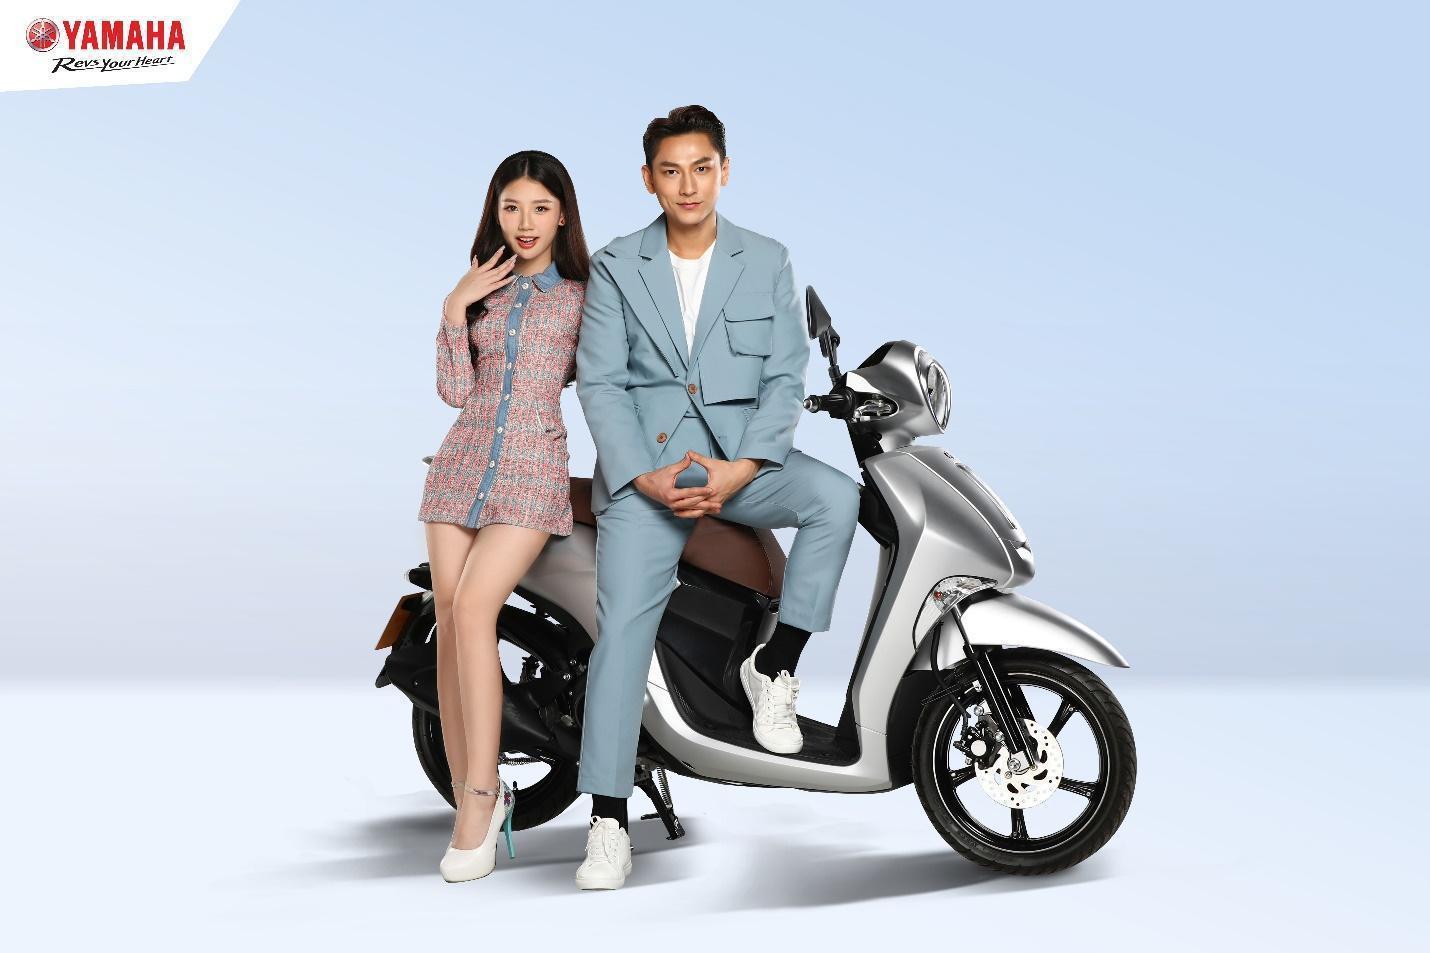 """Mua xe máy Yamaha - """"Tiết kiệm nhất, nhận quà cực chất"""" - Ảnh 4."""